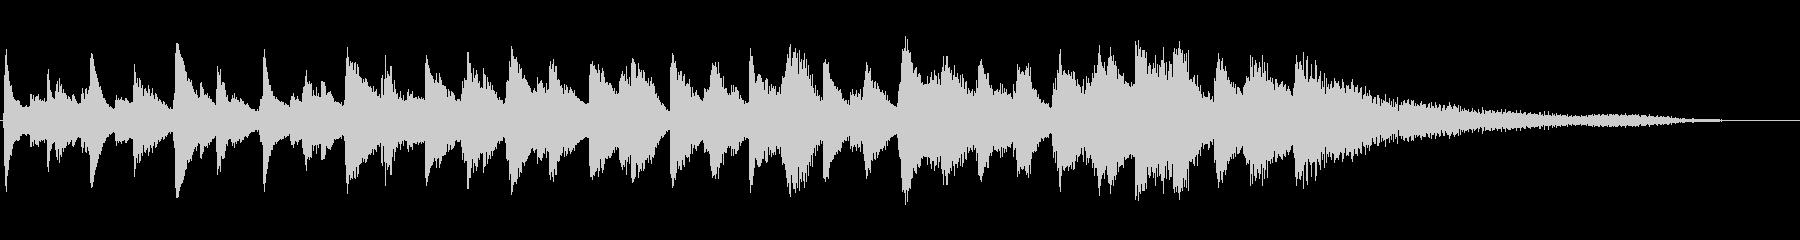 グランドピアノ:スローロールダウン...の未再生の波形